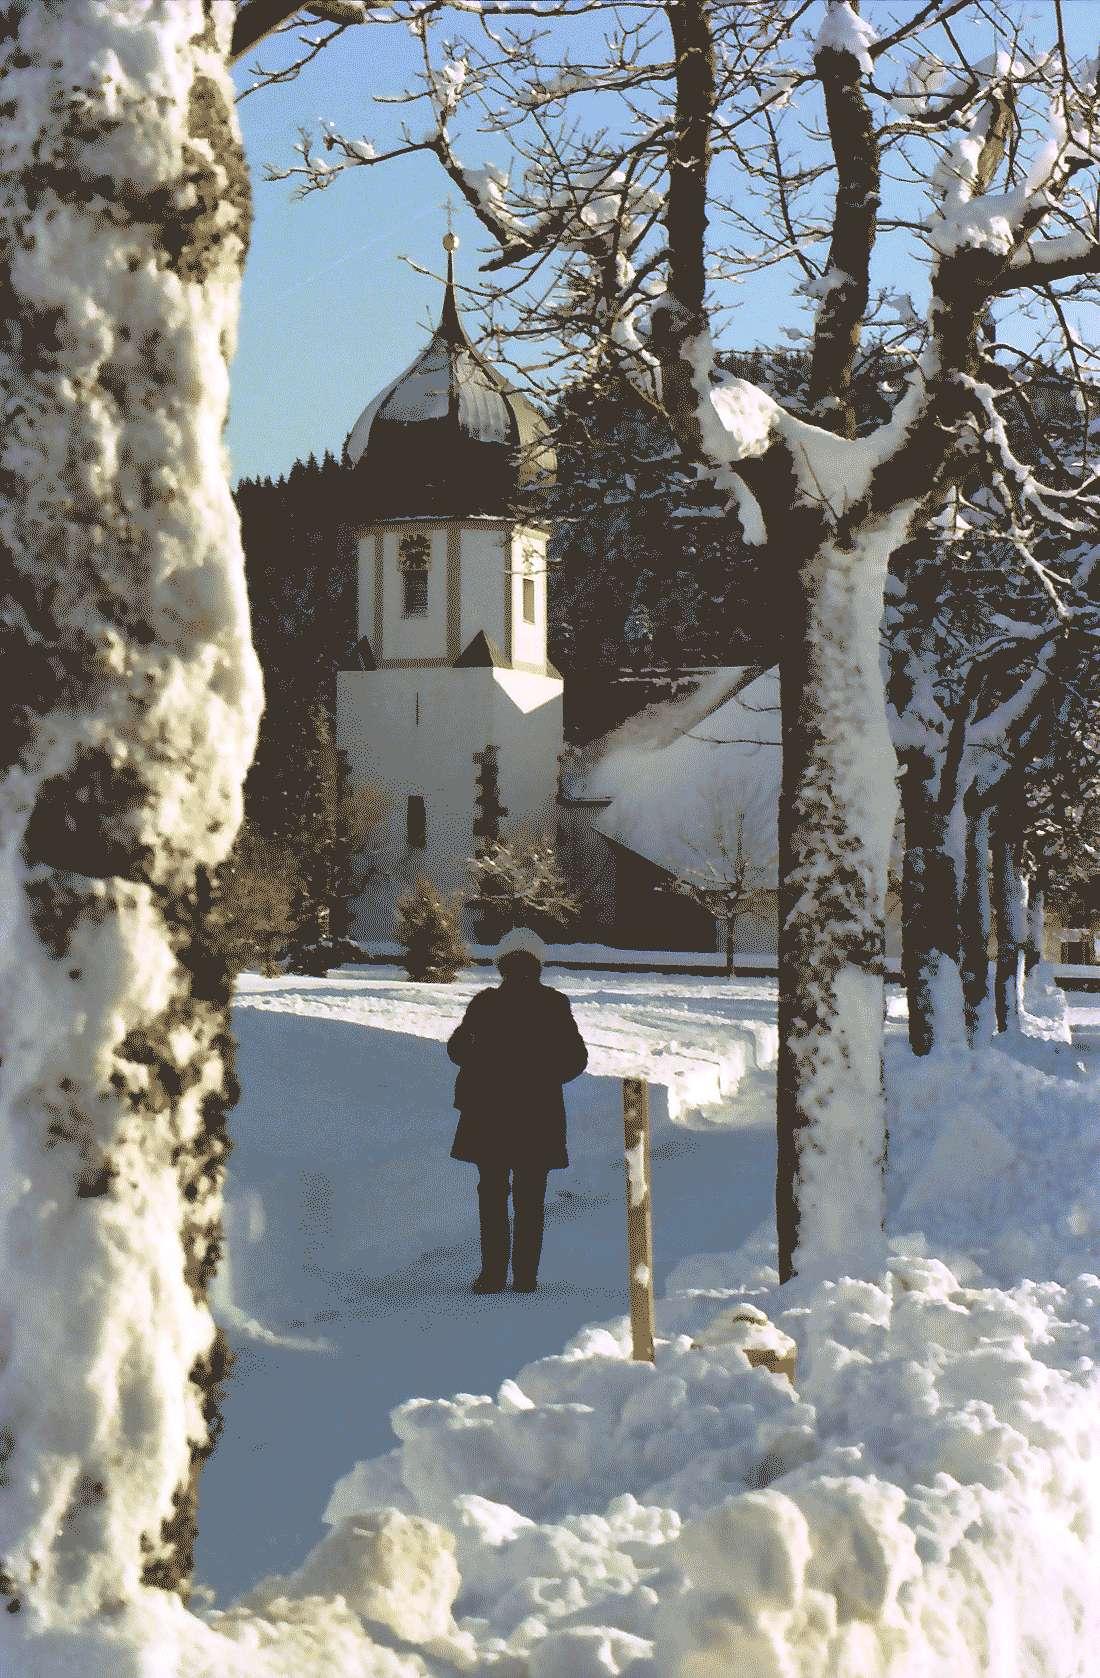 Hinterzarten: Pfarrkirche hinter verschneiter Baumallee, Bild 1